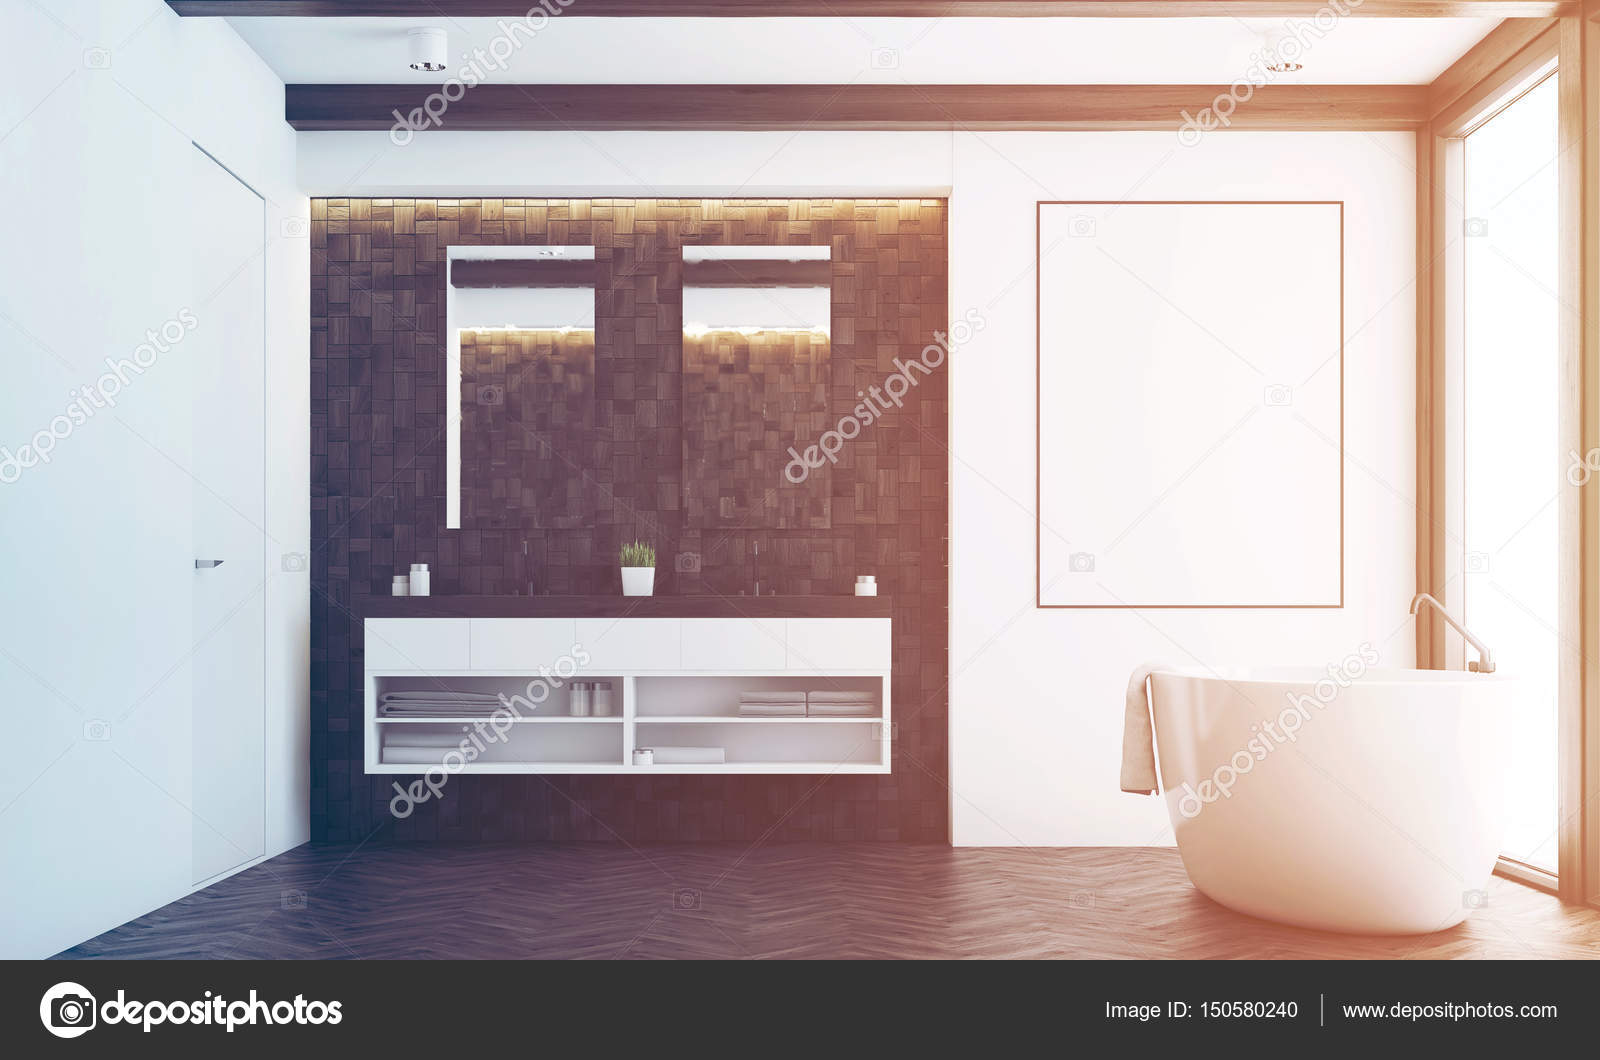 vooraanzicht van een badkamer met donkere tegels twee spiegels een dubbele wastafel een grote witte tub en een poster die opknoping in de buurt van het